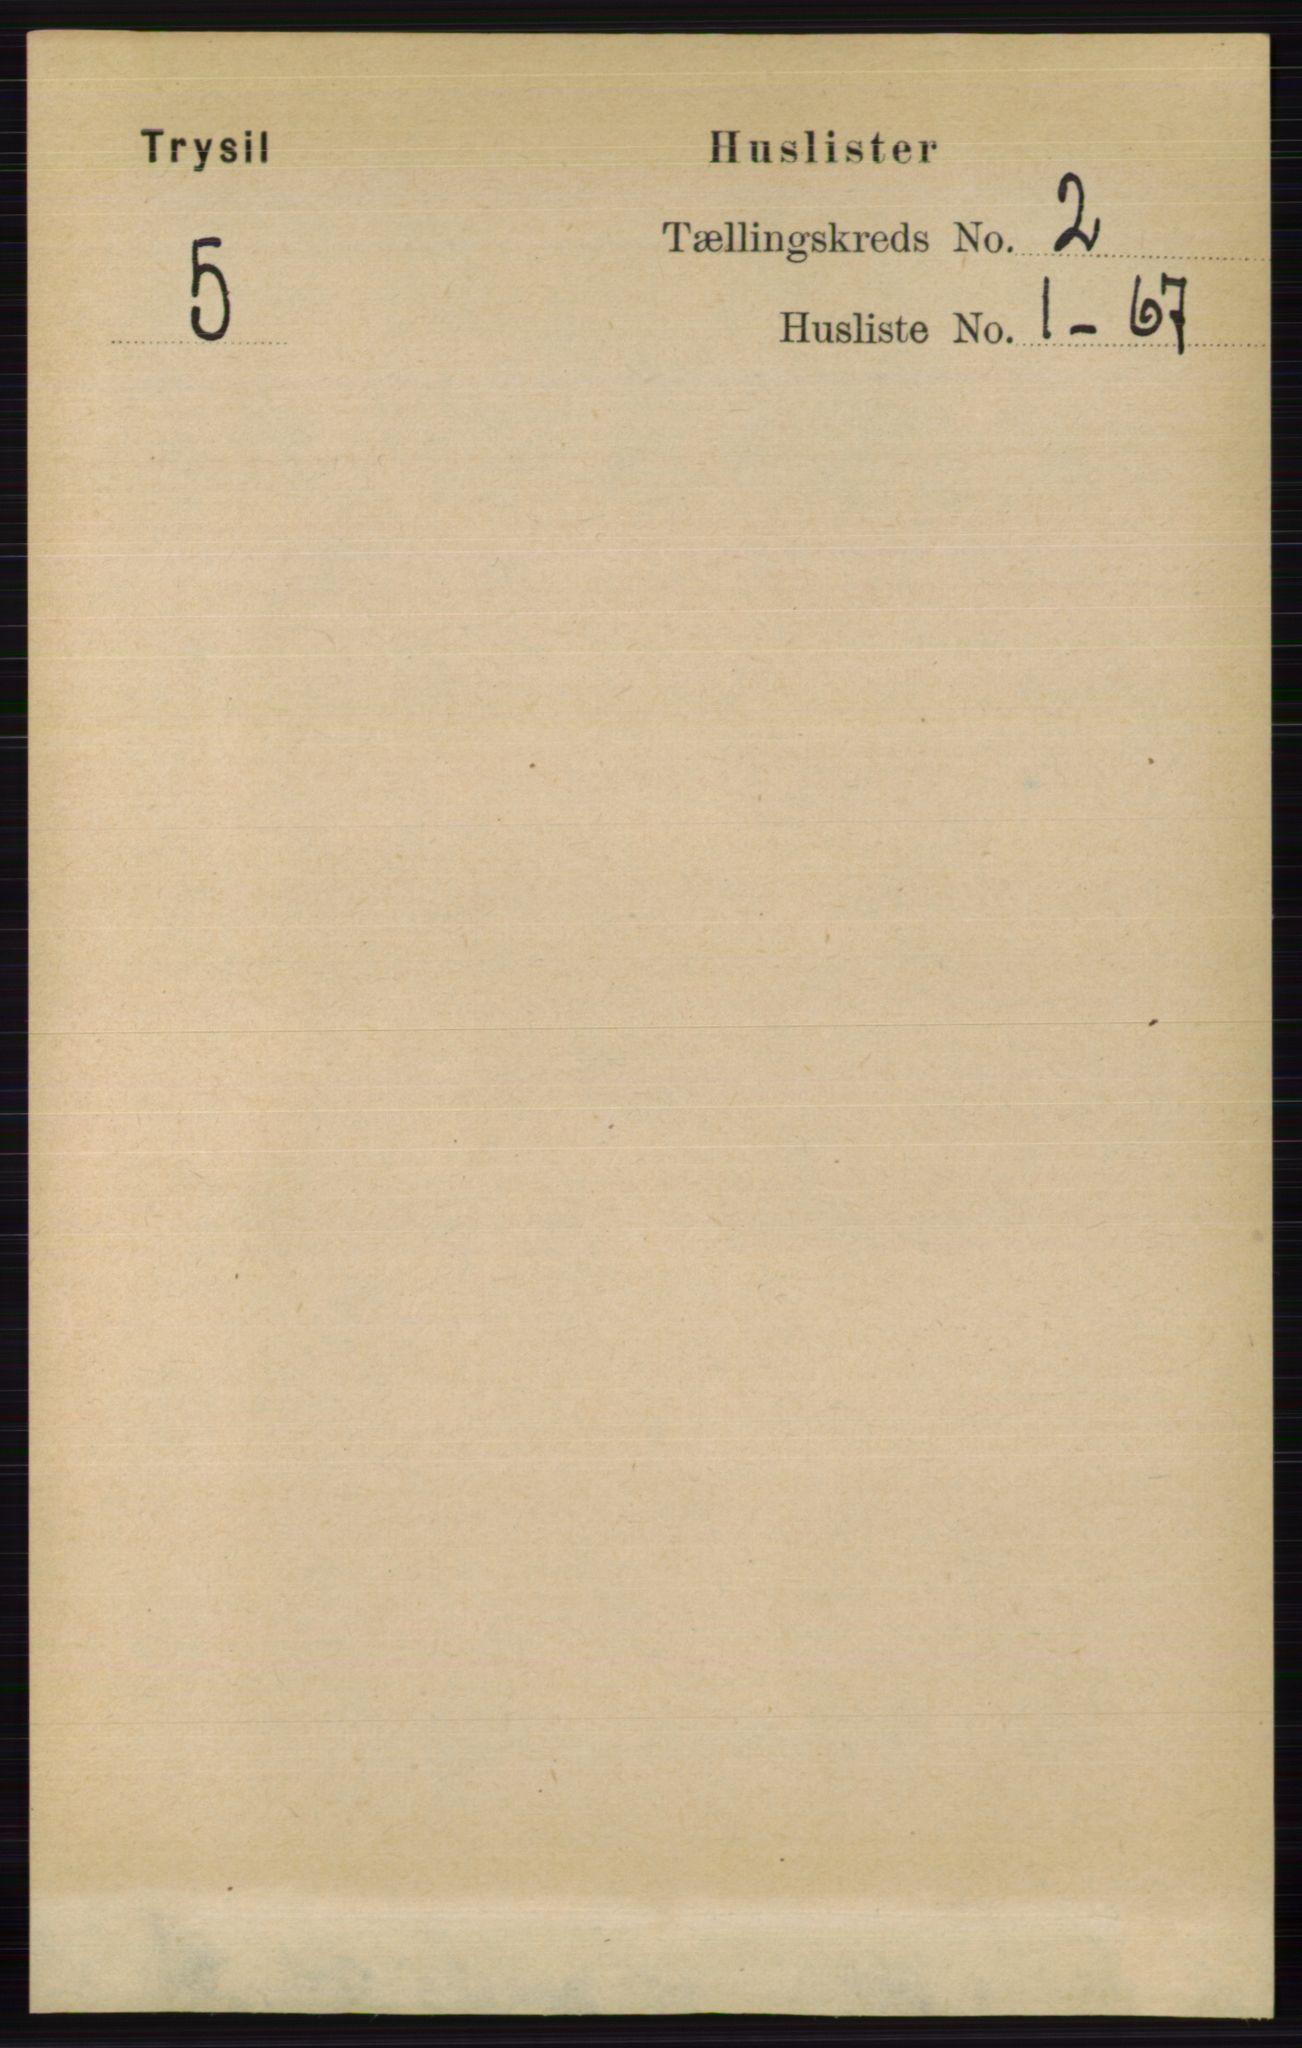 RA, Folketelling 1891 for 0428 Trysil herred, 1891, s. 654